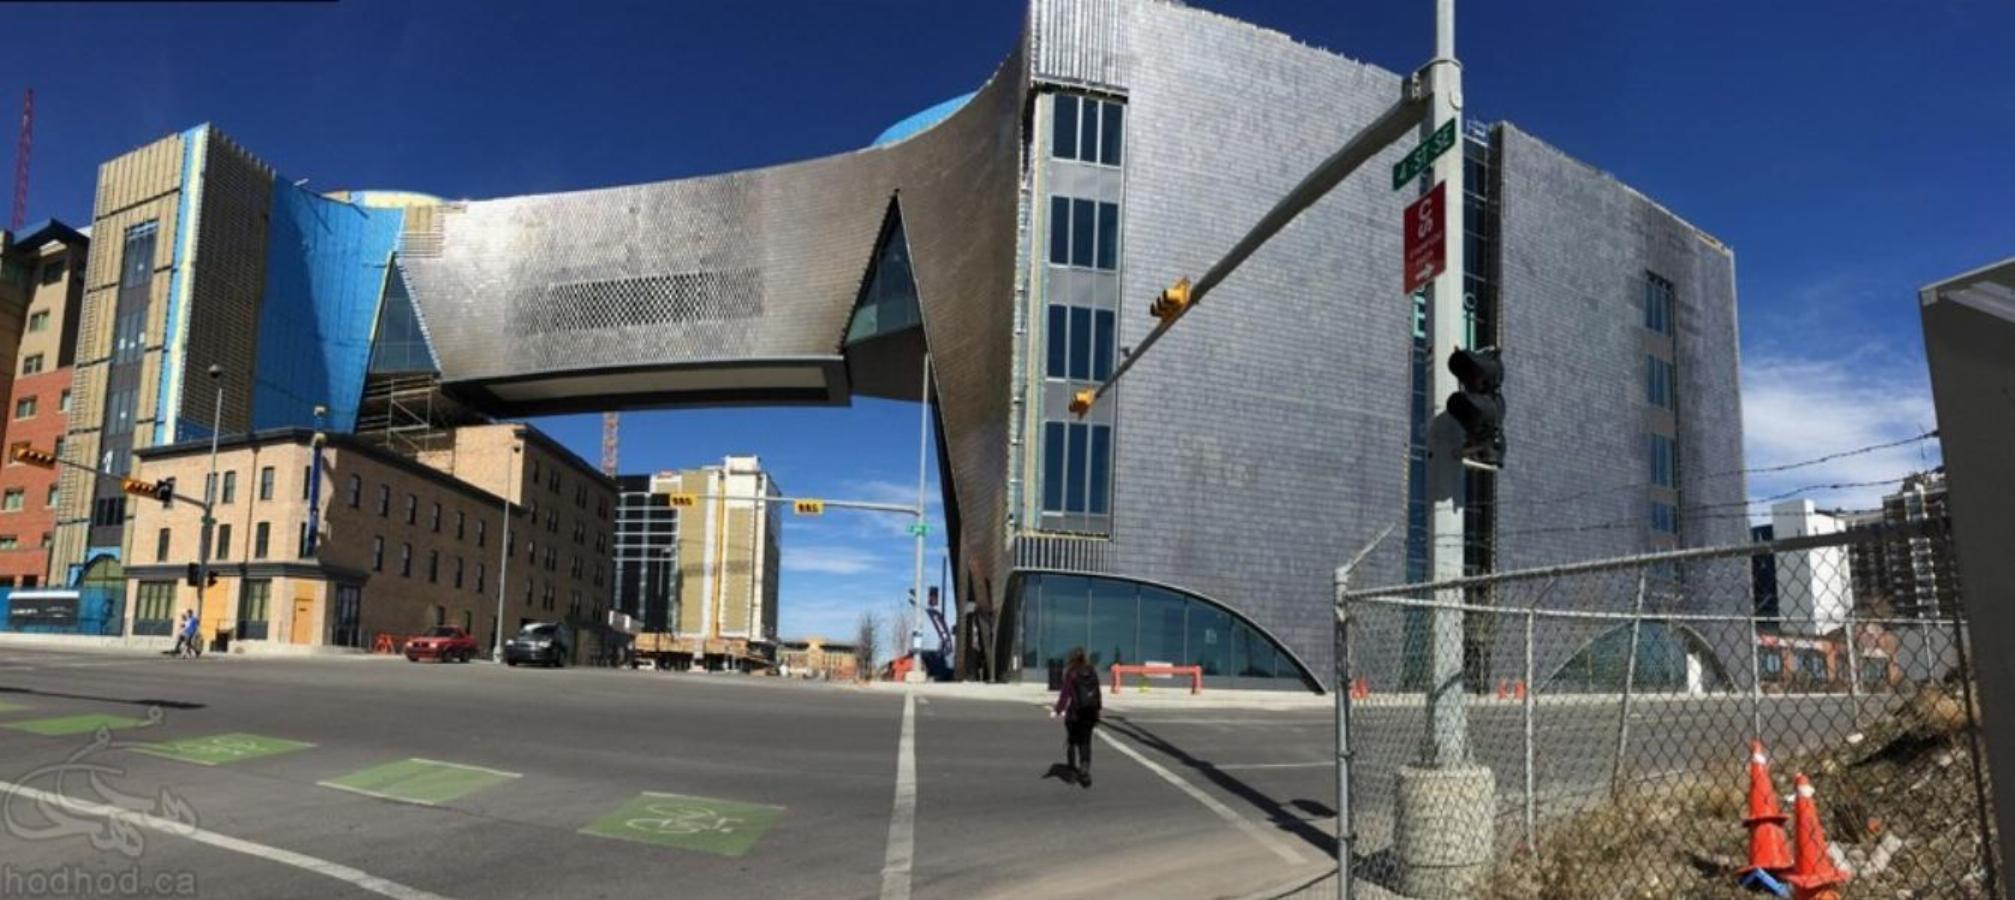 بازگشایی مرکز ملی موسیقی کانادا همزمان با روز کانادا